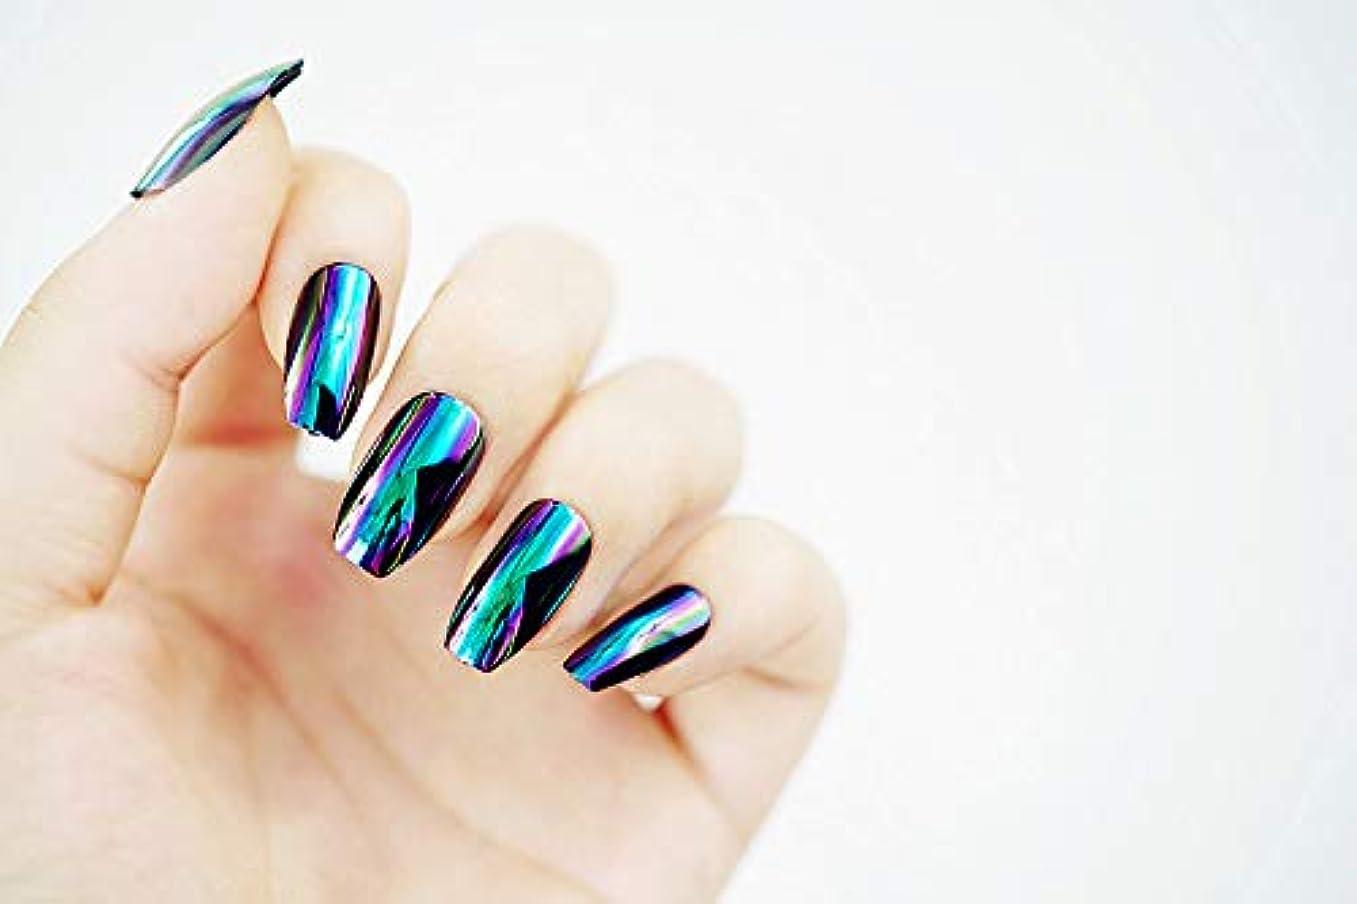 笑いインテリアキャビン欧米で流行るパンク風付け爪 色変化のミラー付け爪 24枚付け爪